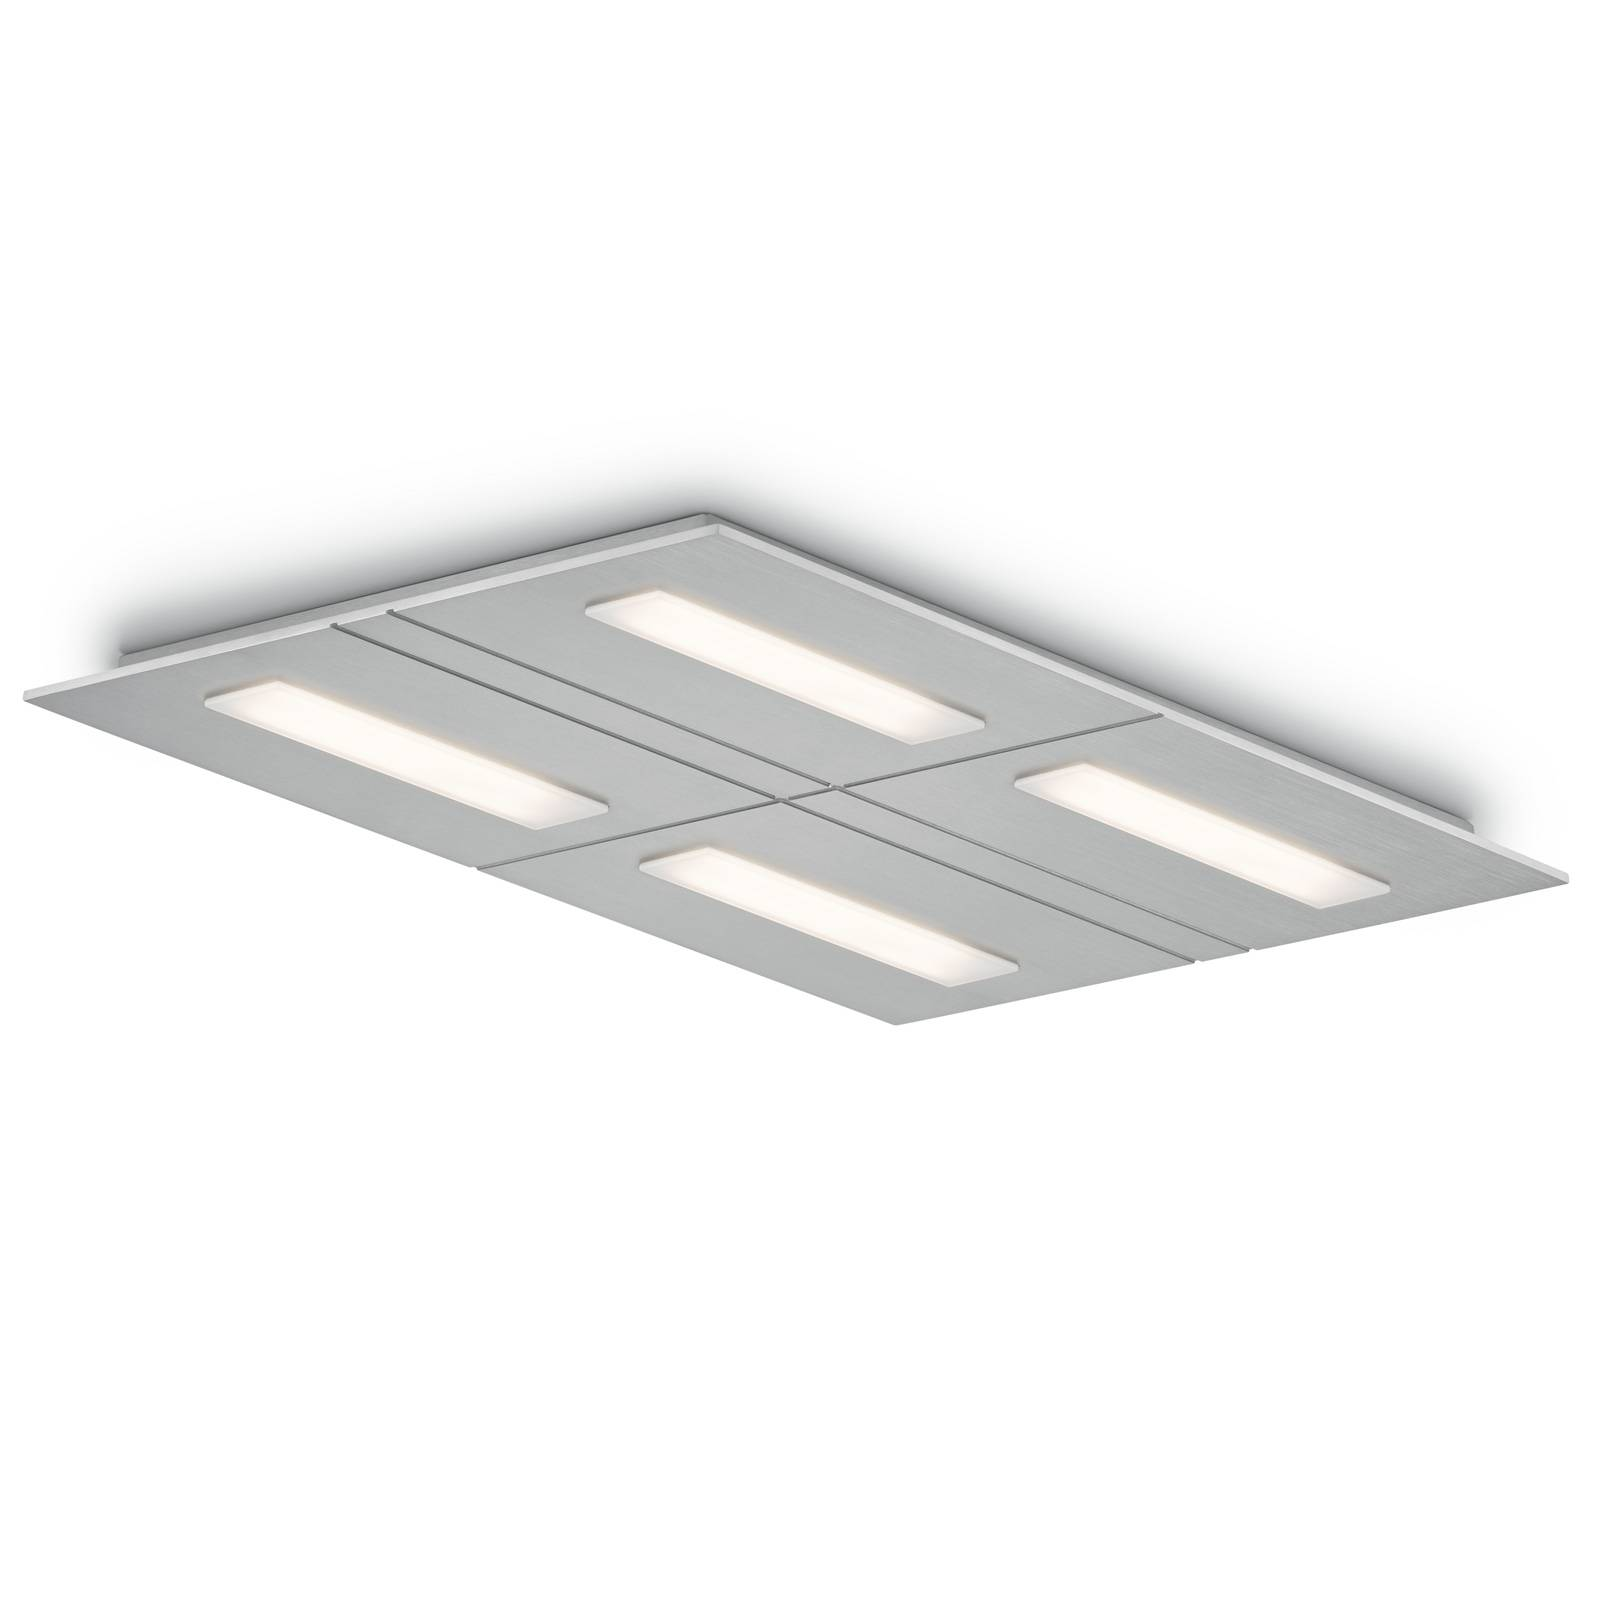 LED-Deckenleuchte Sina-4, dim-to-warm, vierflammig